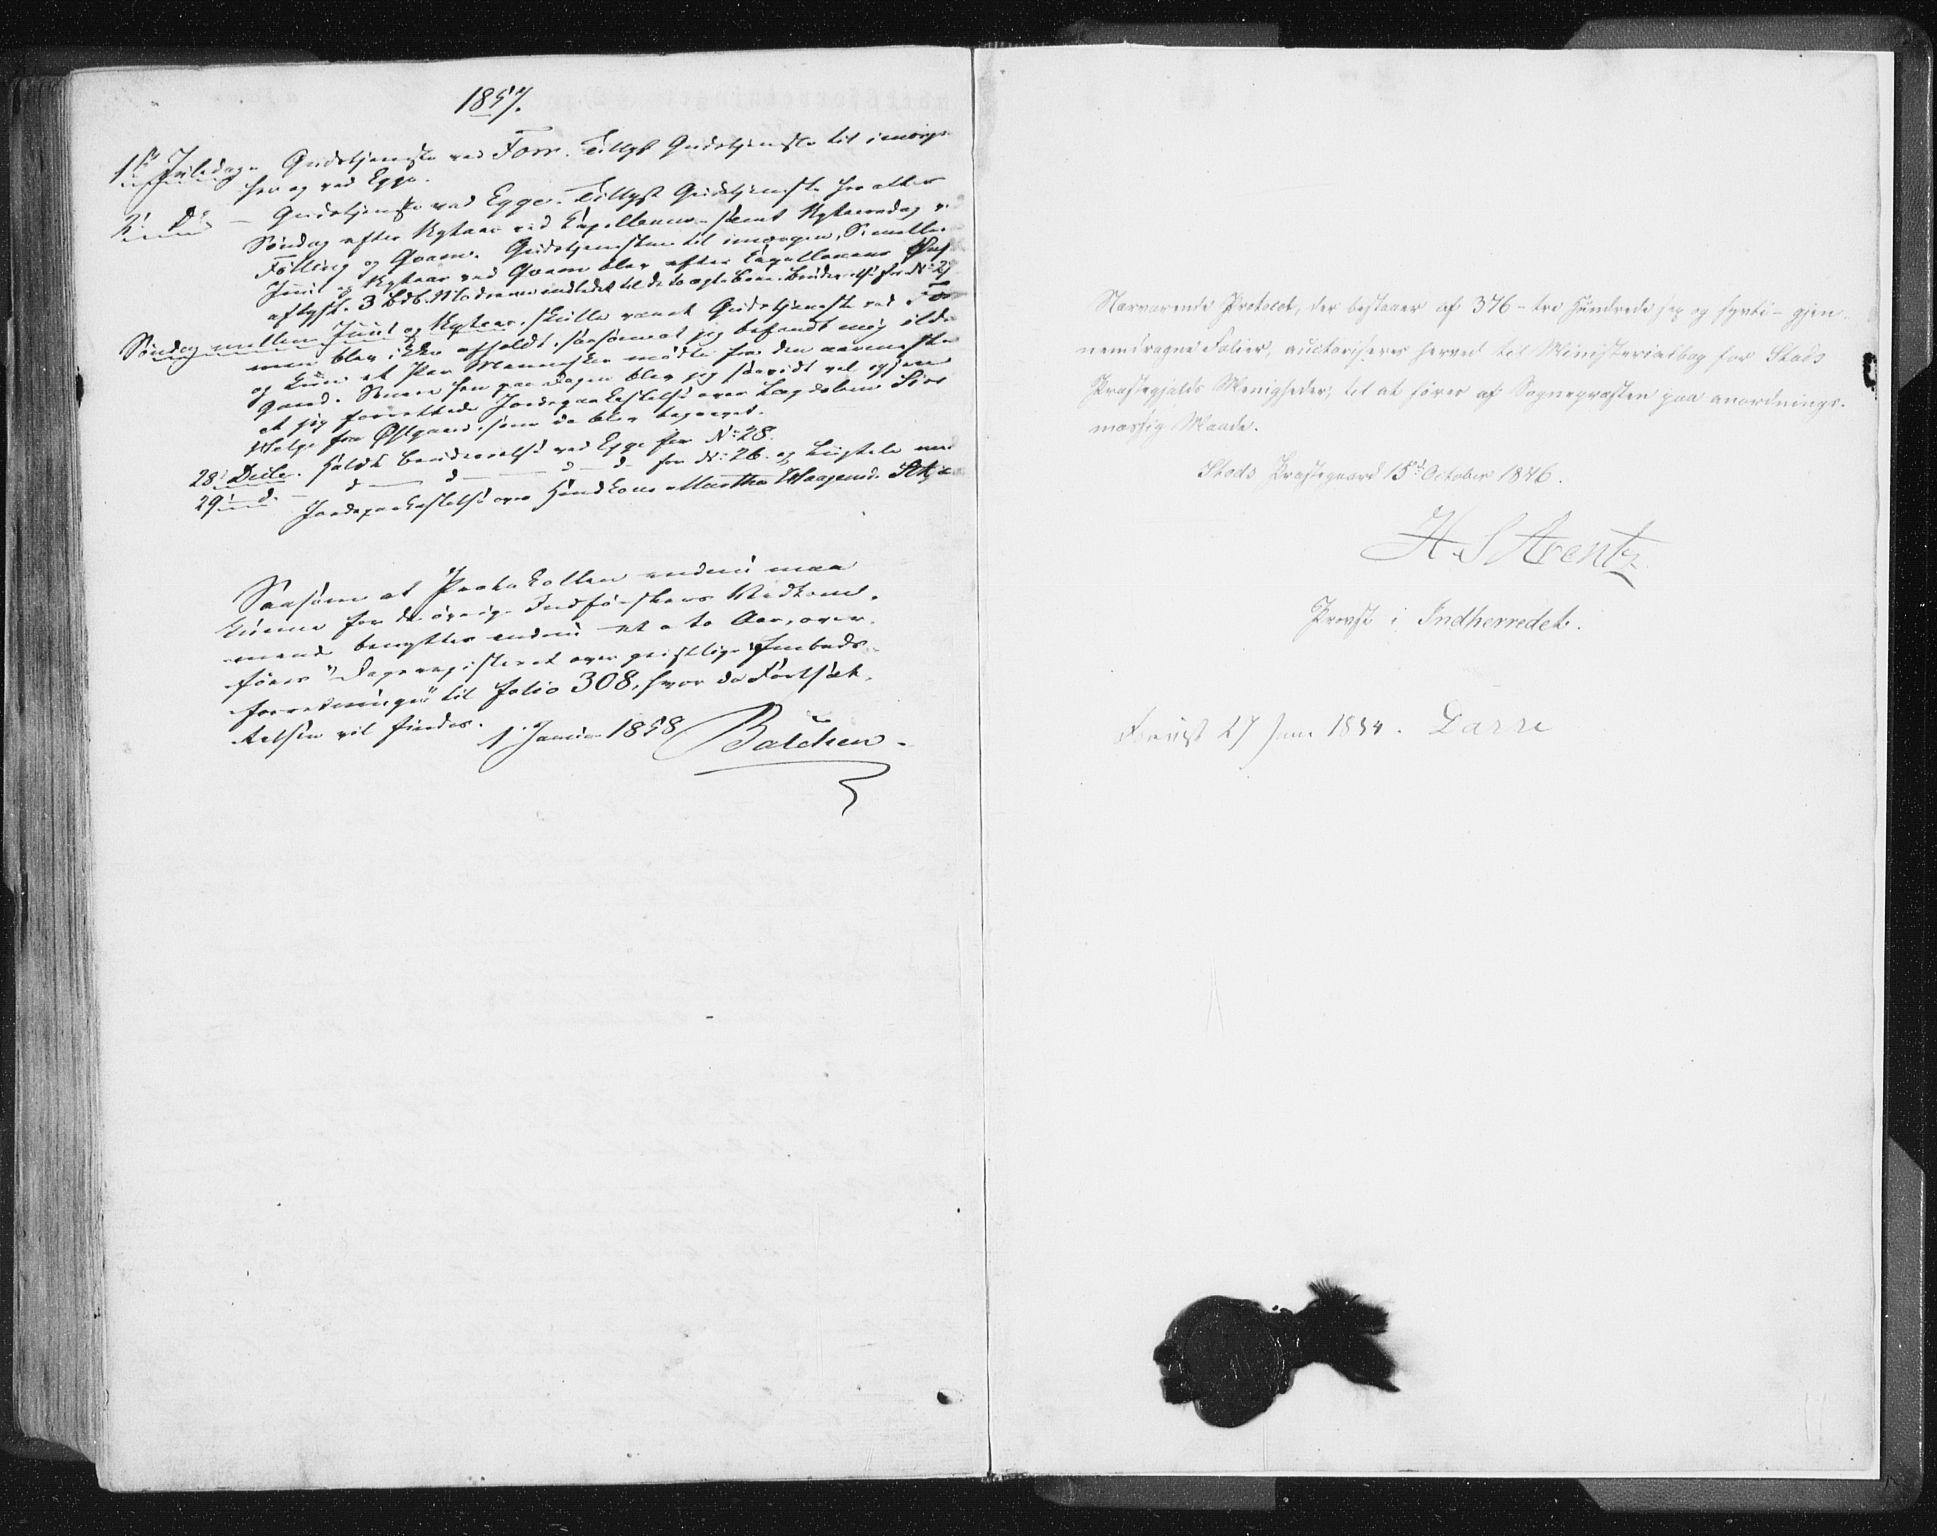 SAT, Ministerialprotokoller, klokkerbøker og fødselsregistre - Nord-Trøndelag, 746/L0446: Ministerialbok nr. 746A05, 1846-1859